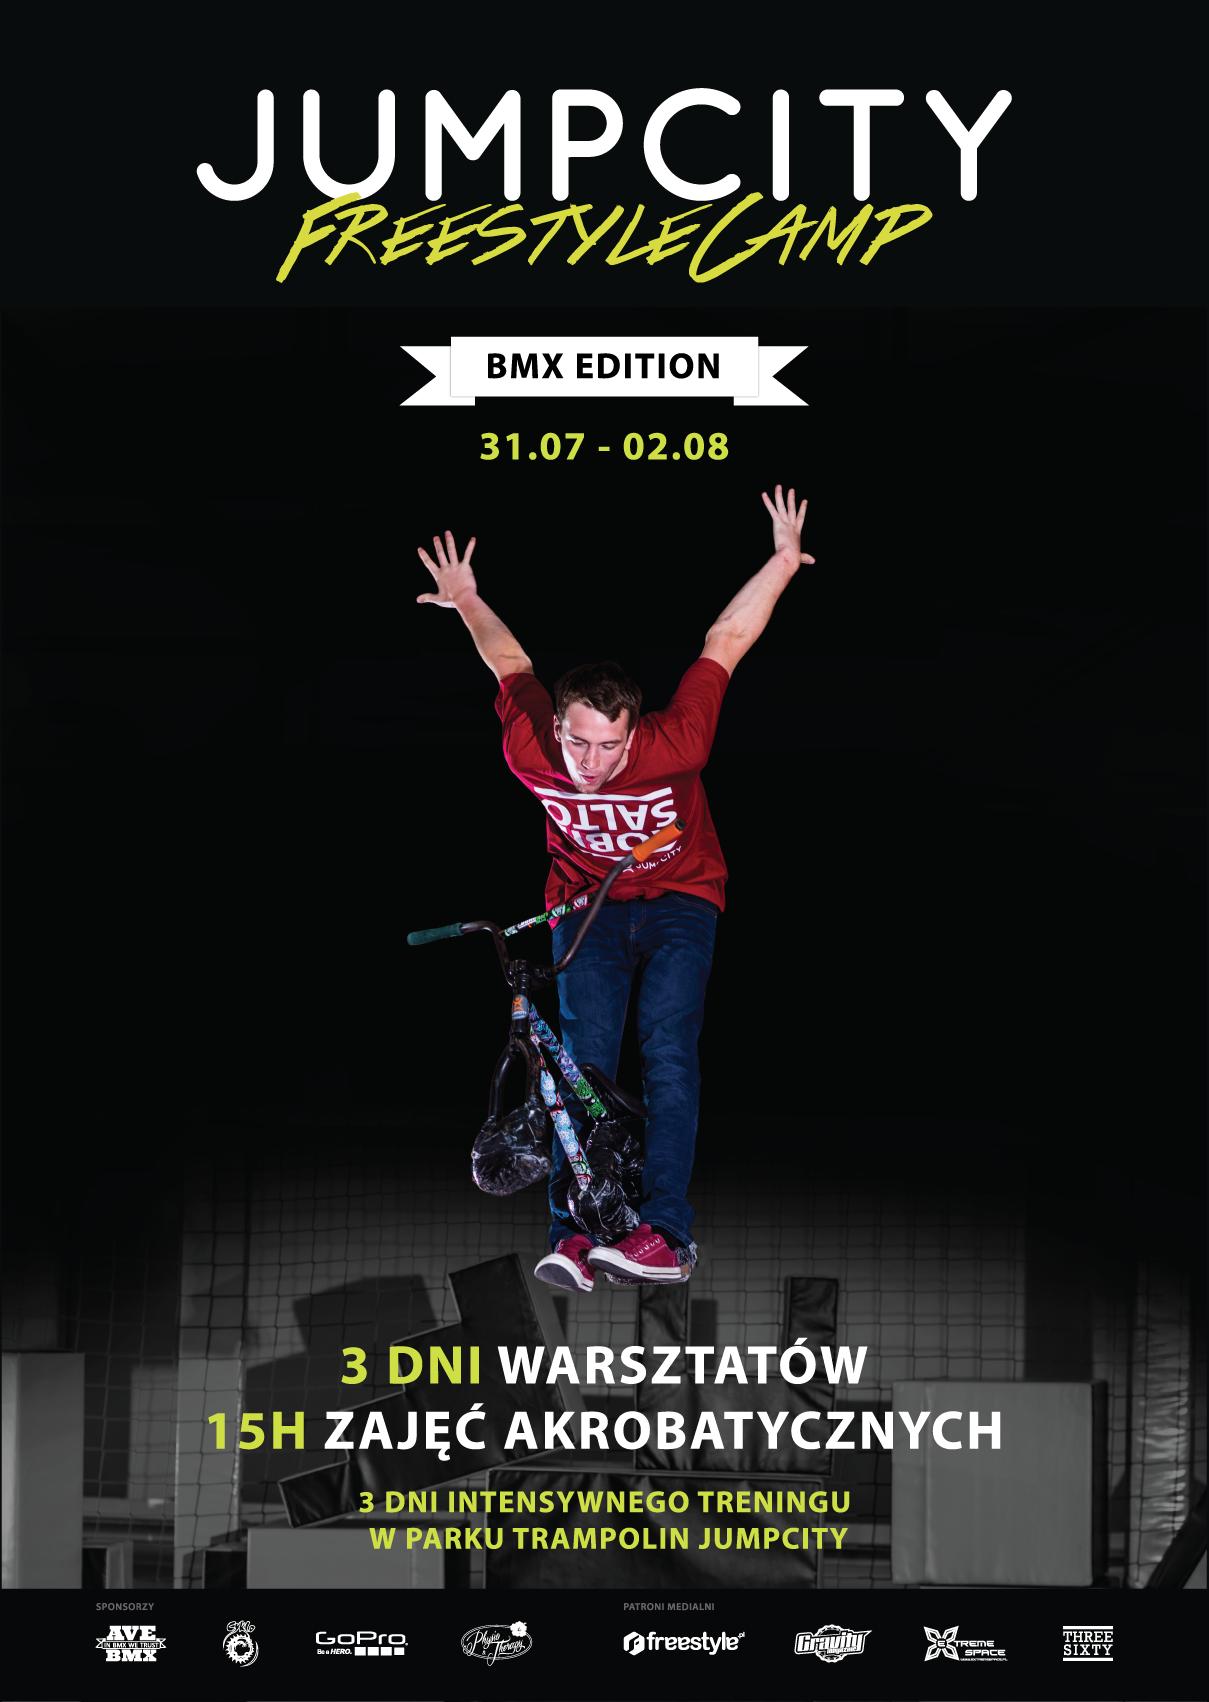 JUMPCITY Freestyle Camp BMX Edition - czyli warsztaty akrobatyczne w Parku Trampolin